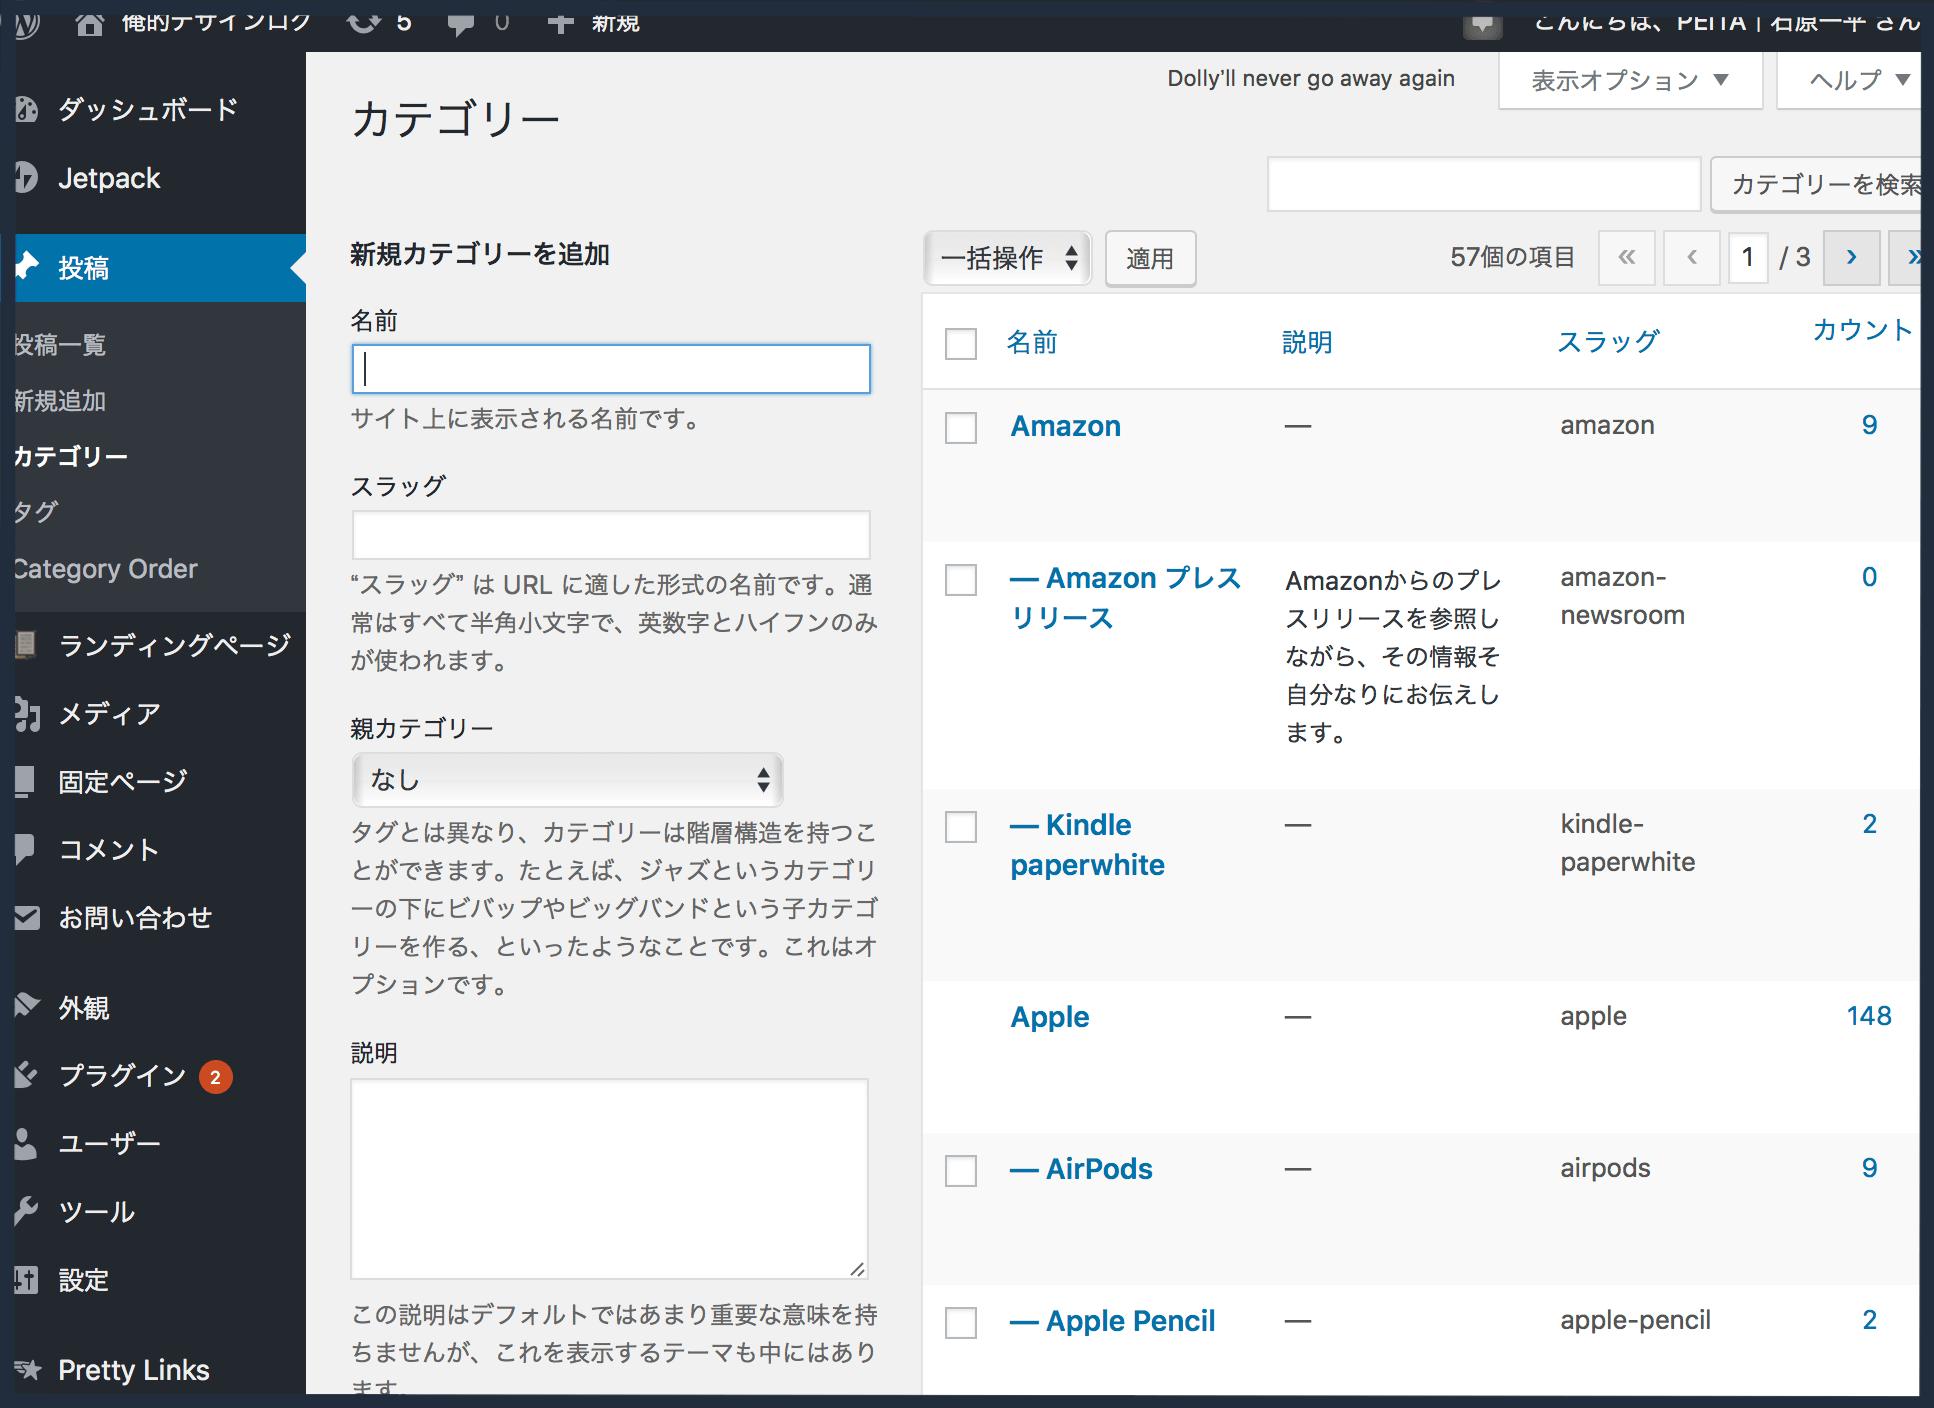 WordPressのカテゴリエリアを表示している画像